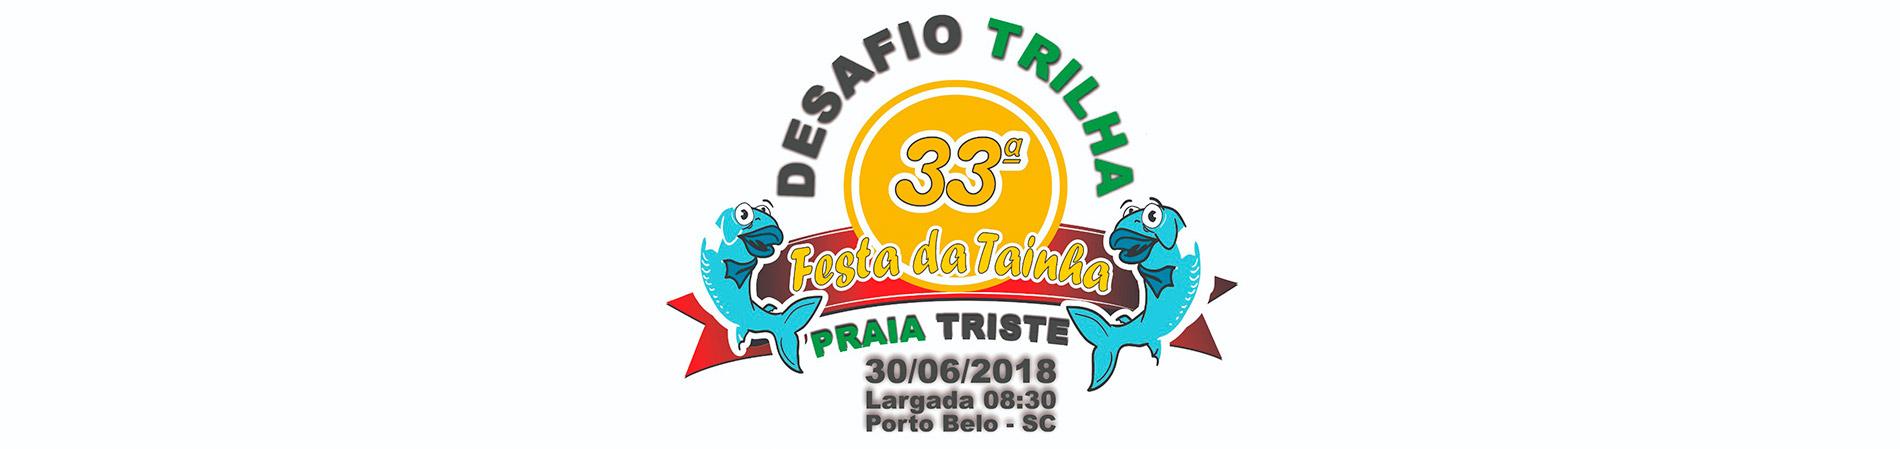 DESAFIO TRILHA DA PRAIA TRISTE - Imagem de topo